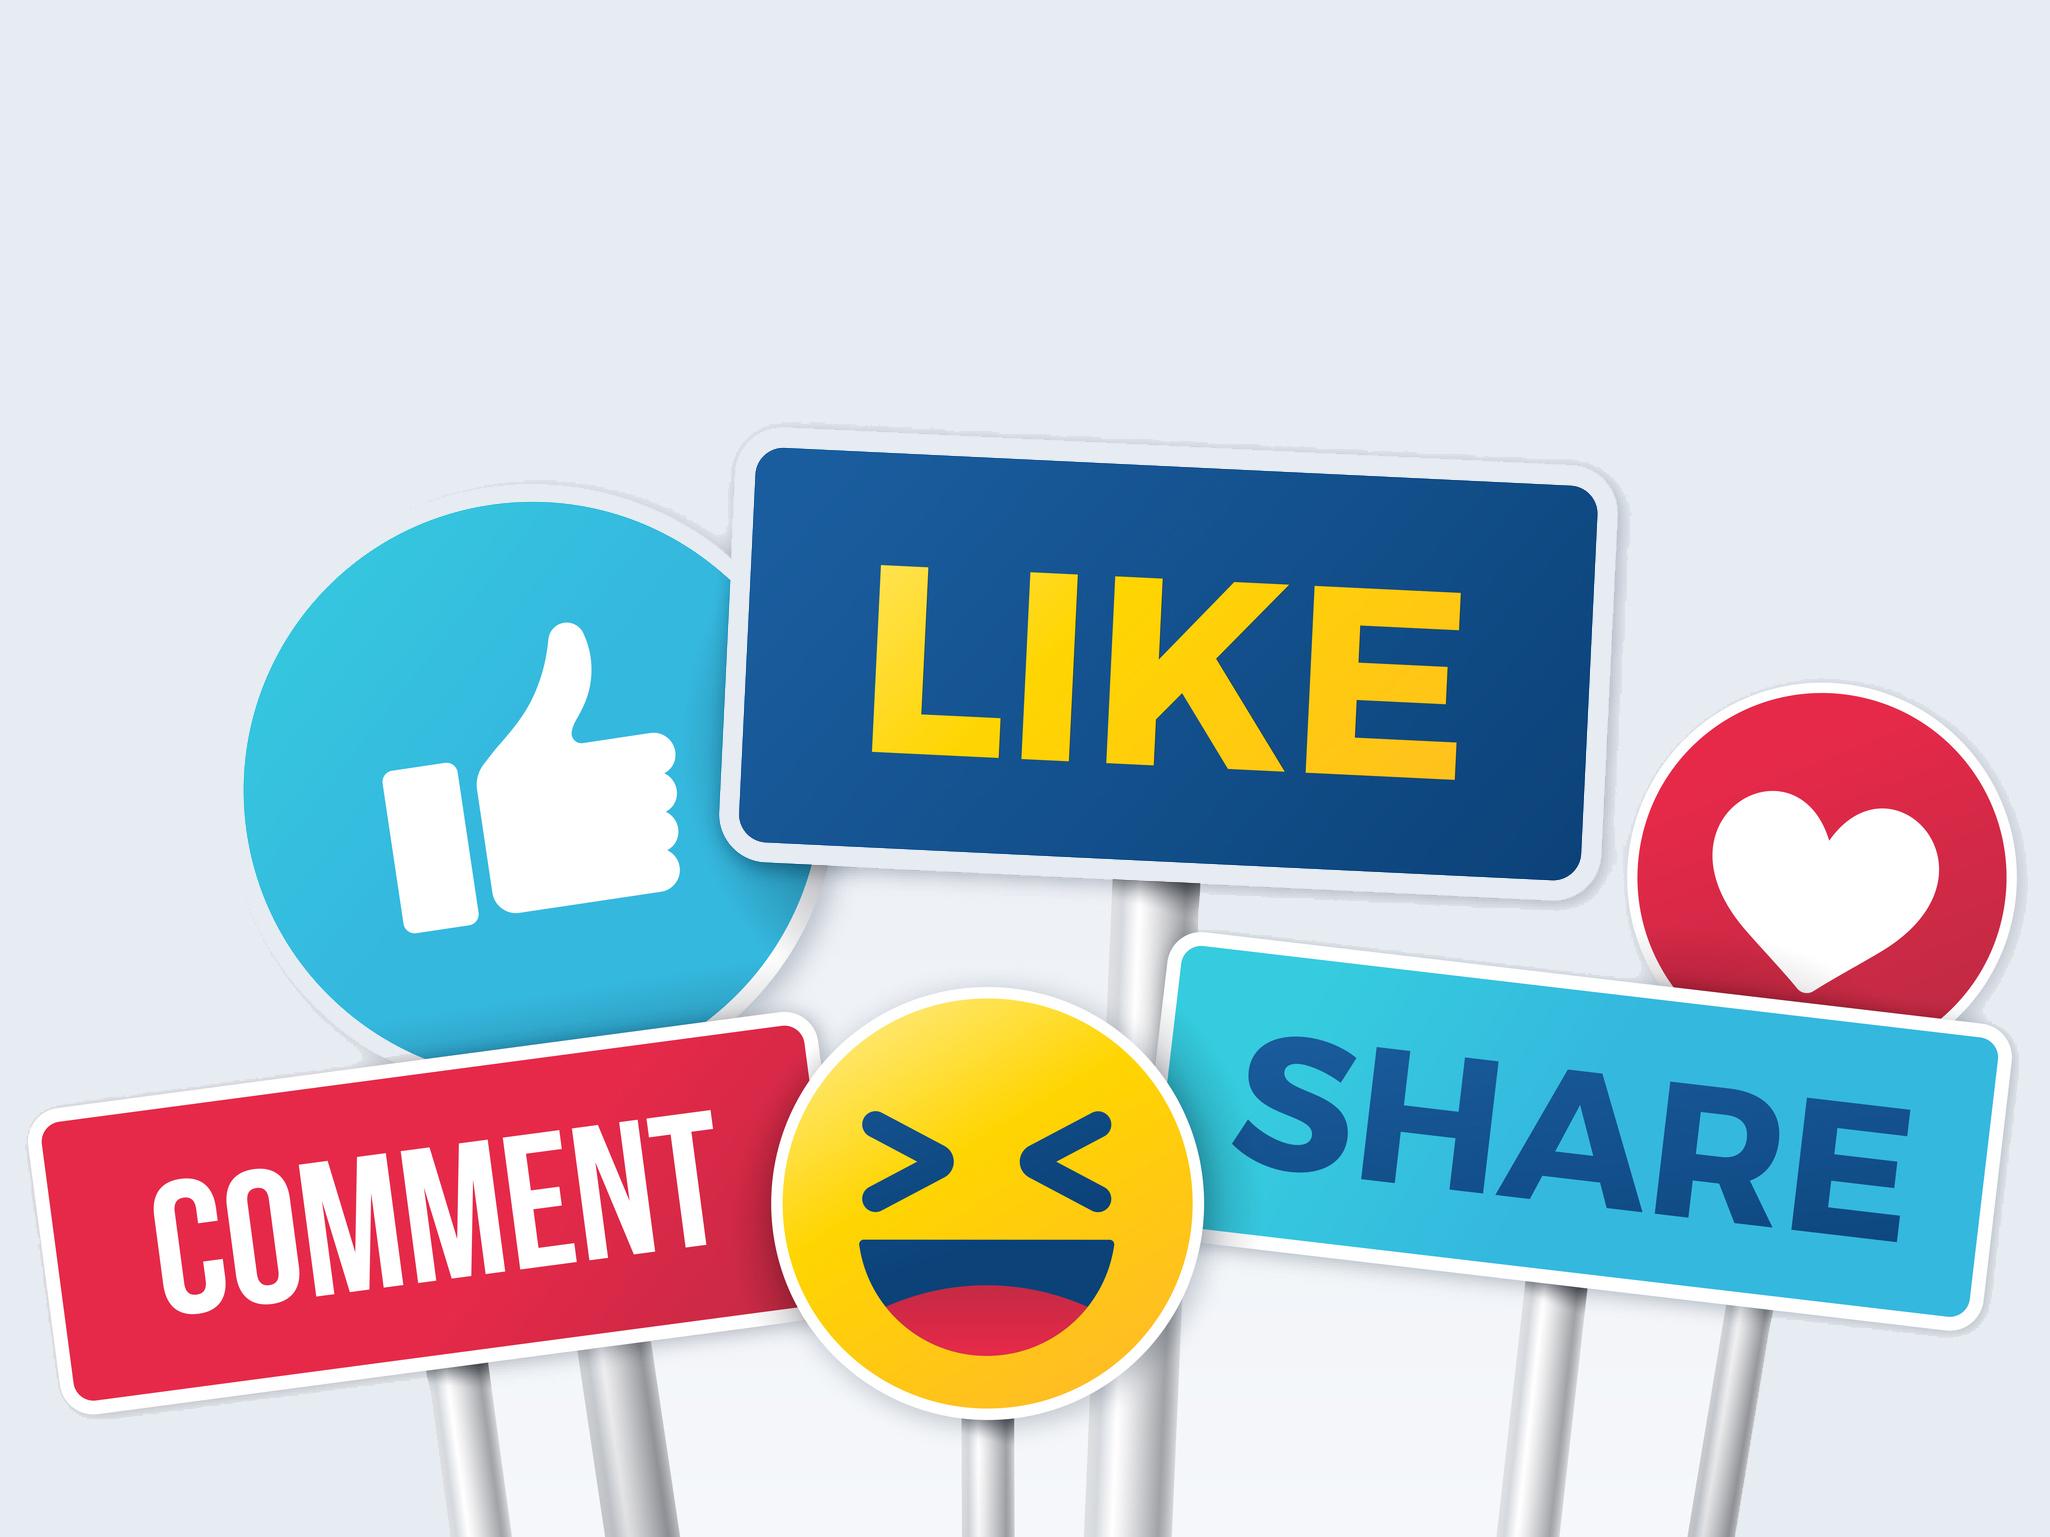 라이온들은 소셜 미디어에서 적극적으로 활동합니다.